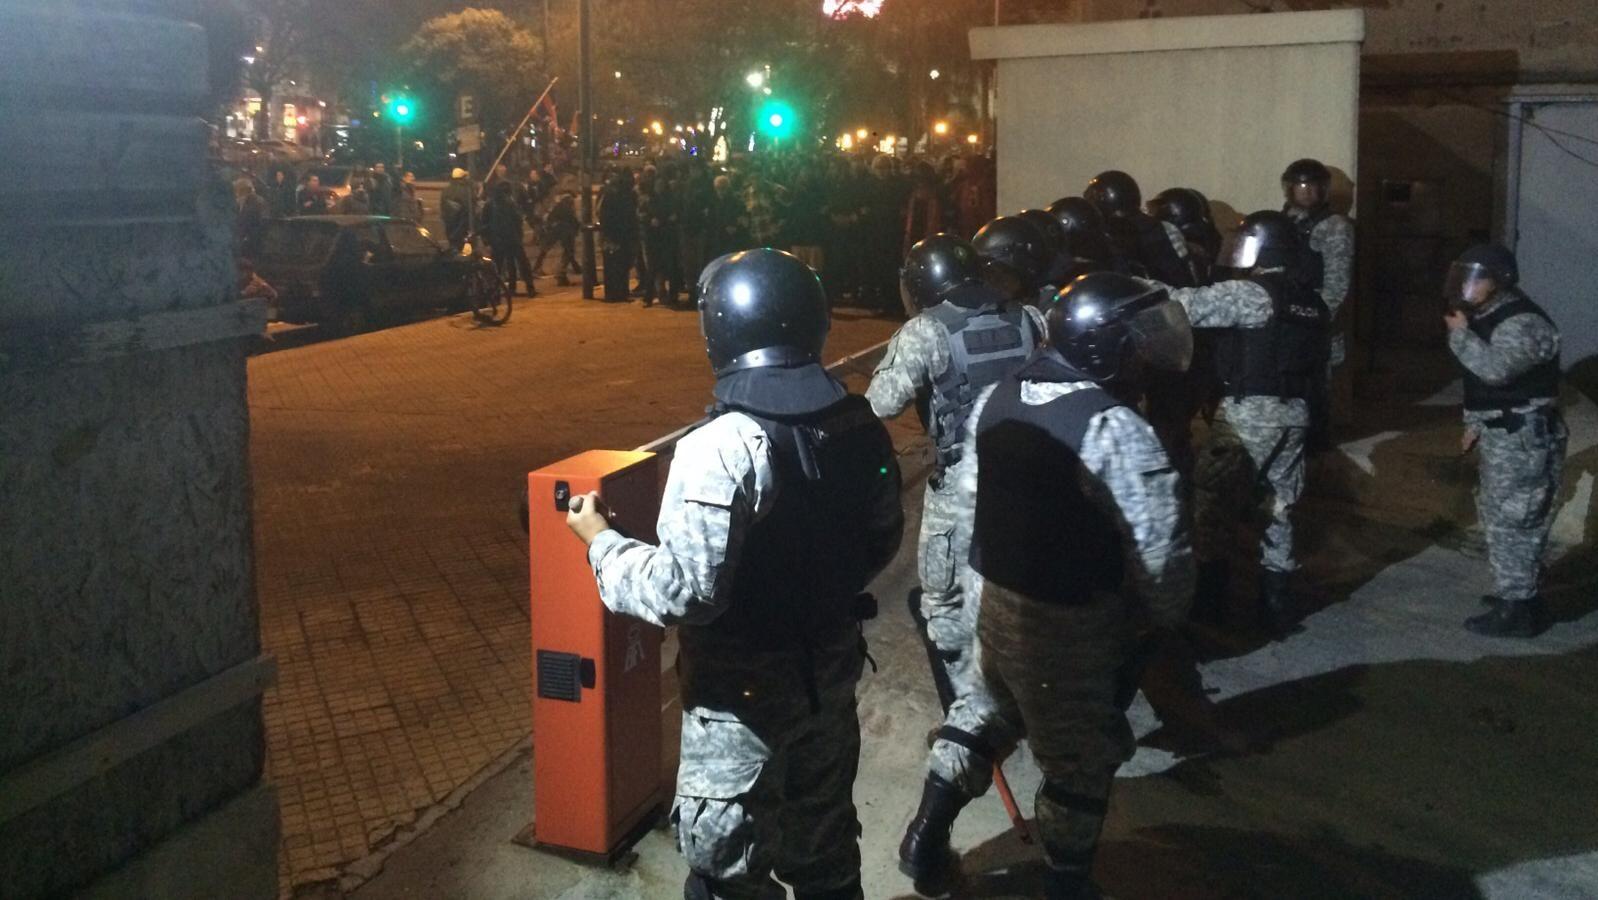 Incidentes en desalojo de Codicen: represión, pedreas, detenidos y heridos